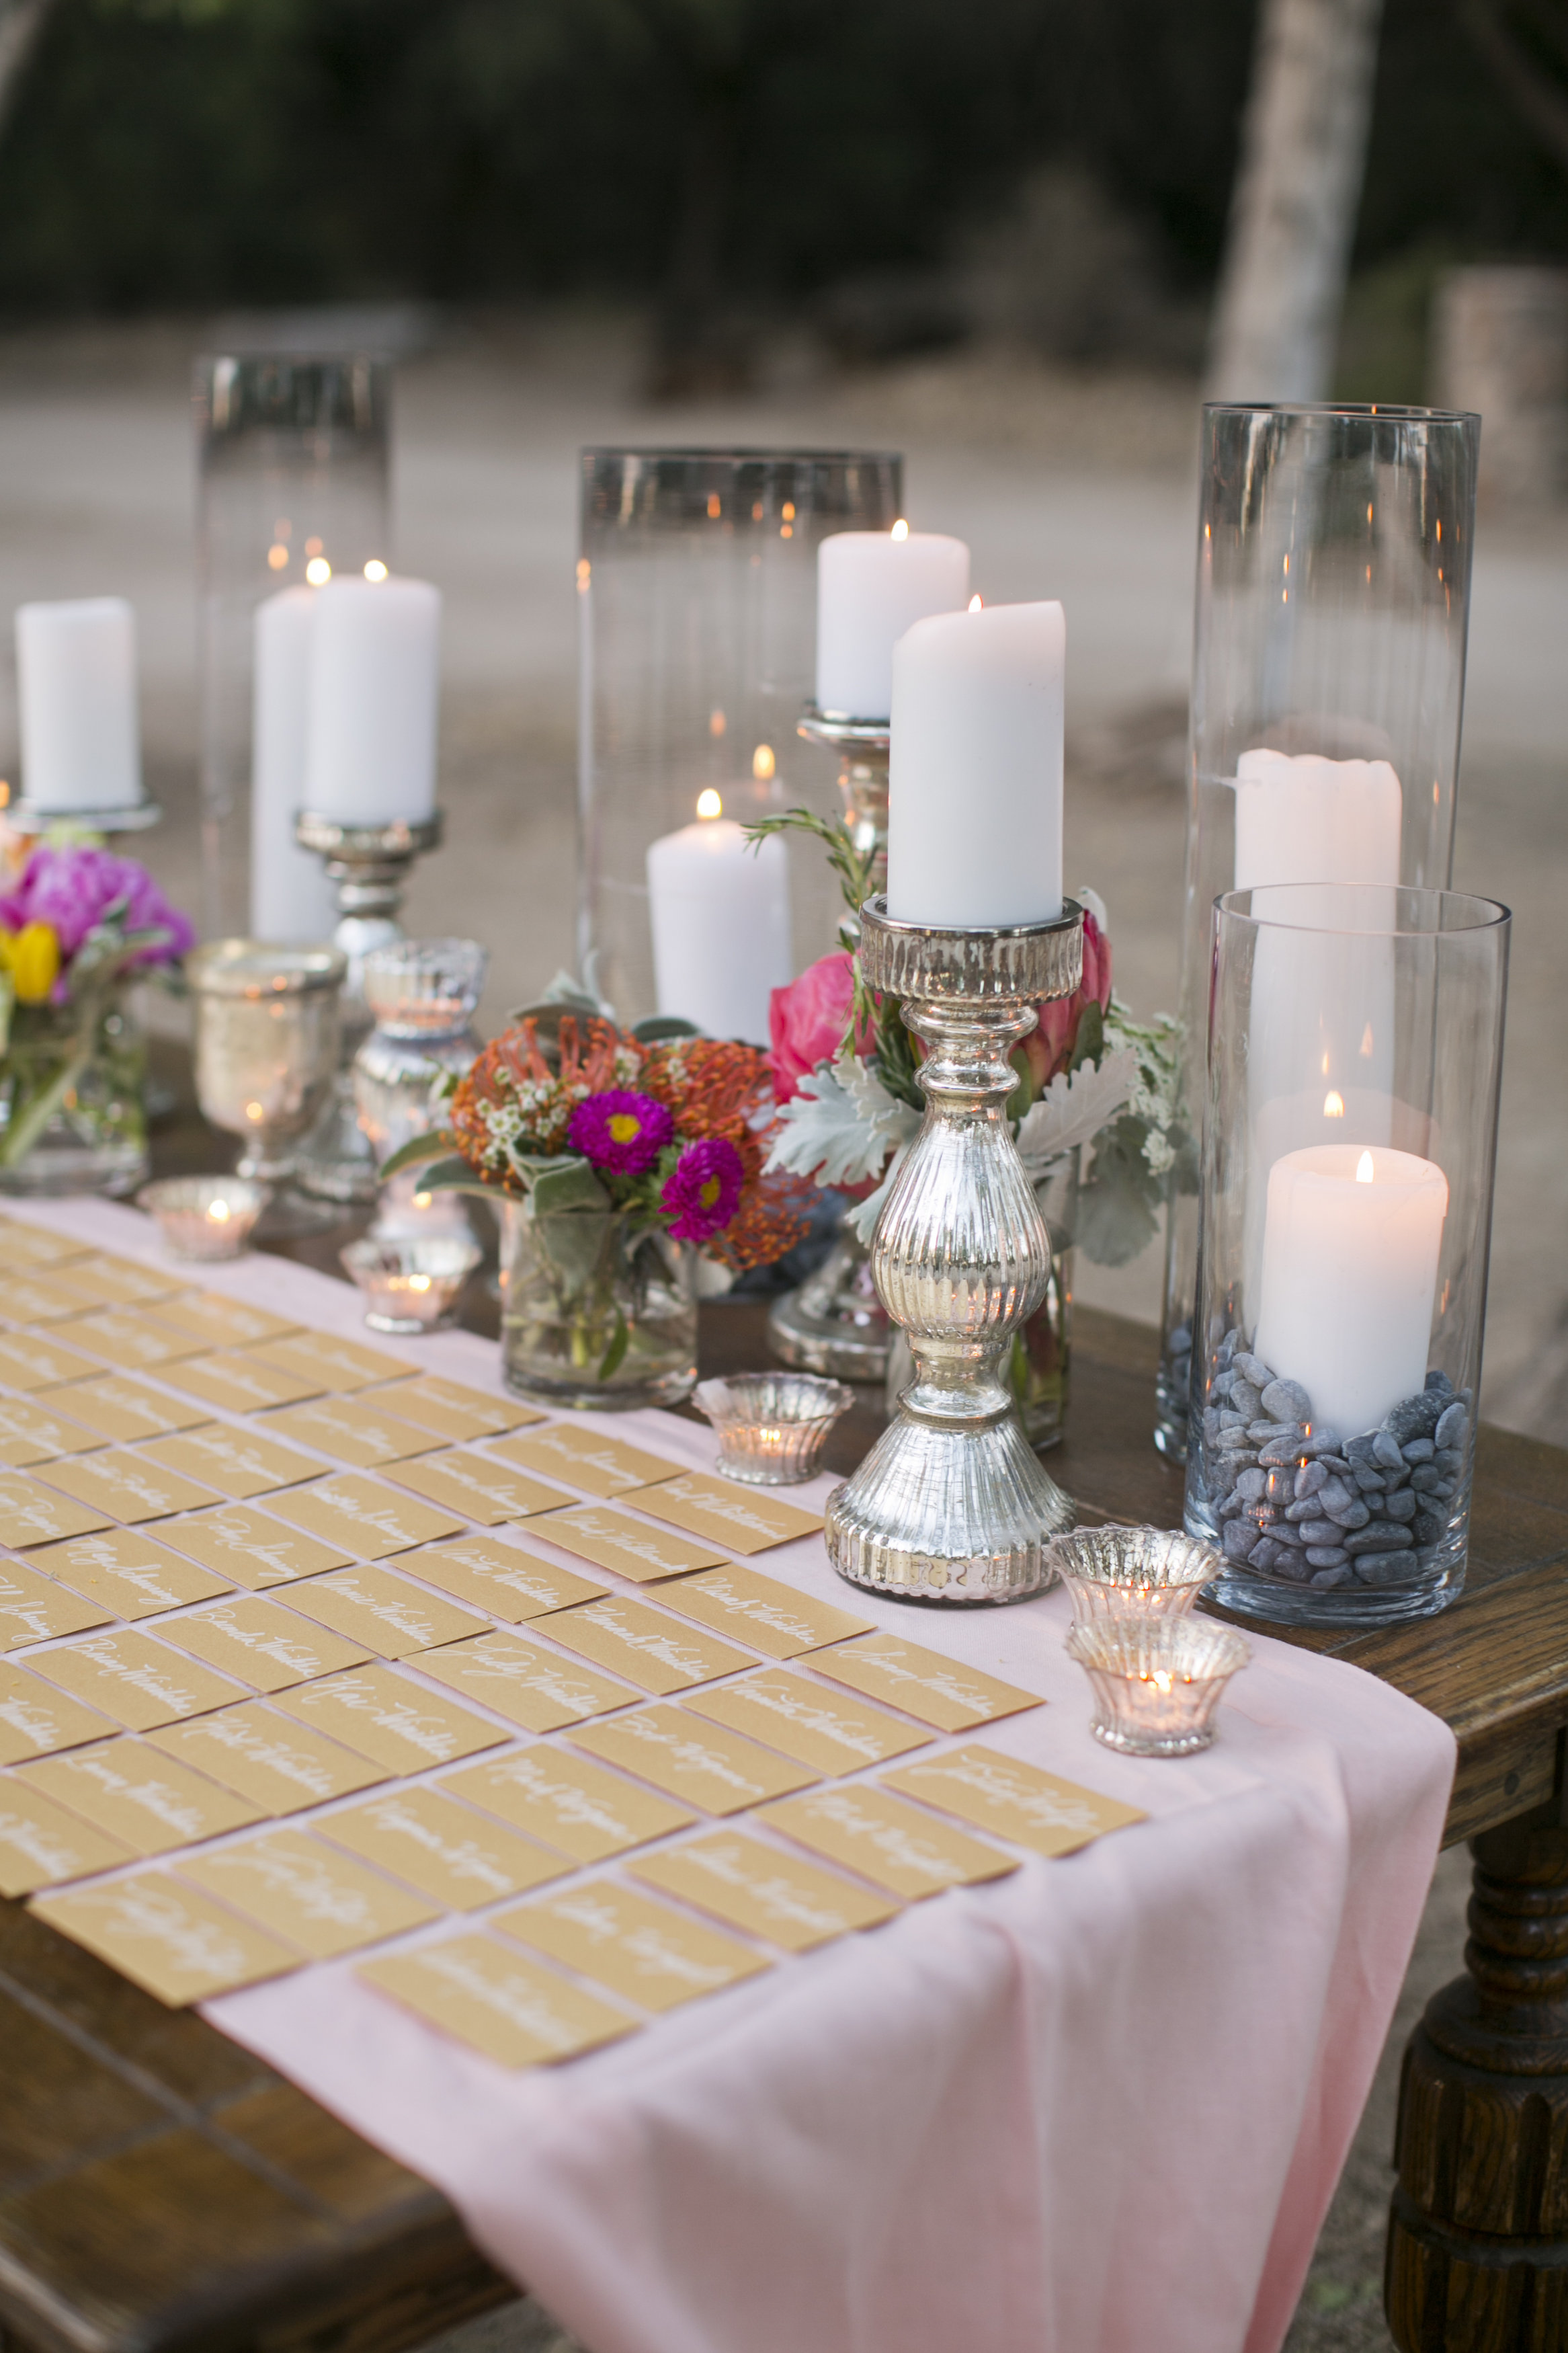 Ceci_New_York_Ceci_Style_Ceci_Johnson_Luxury_Lifestyle_Arizona_Wedding_Watercolor_Inspiration_Design_Custom_Couture_Personalized_Invitations_153.jpg